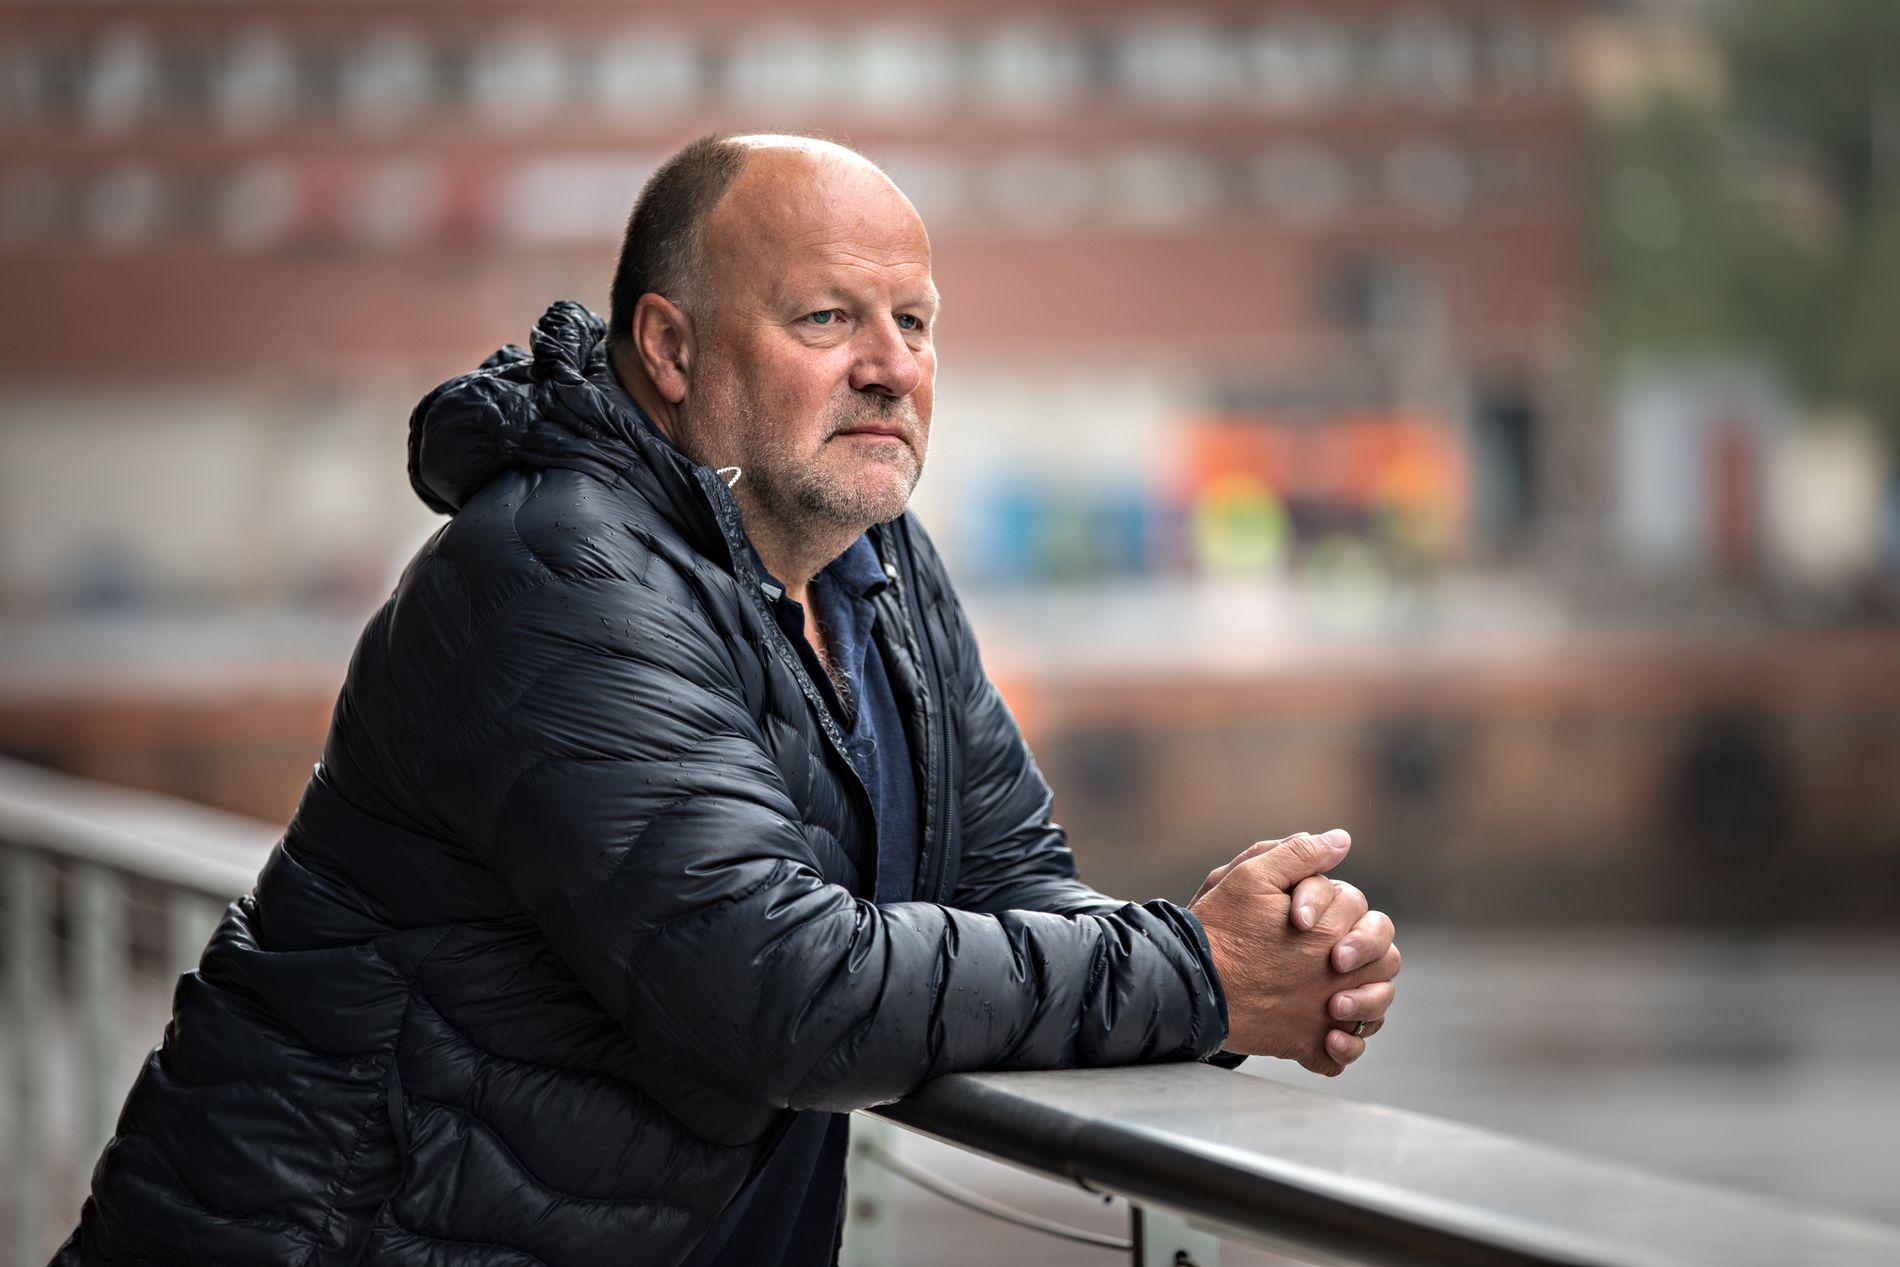 LØSNINGSORIENTERT: – For å tette gapet må vi først og fremst gjøre det som ikke koster penger, sier Ivar Koteng om avstanden mellom Rosenborg og Europa.